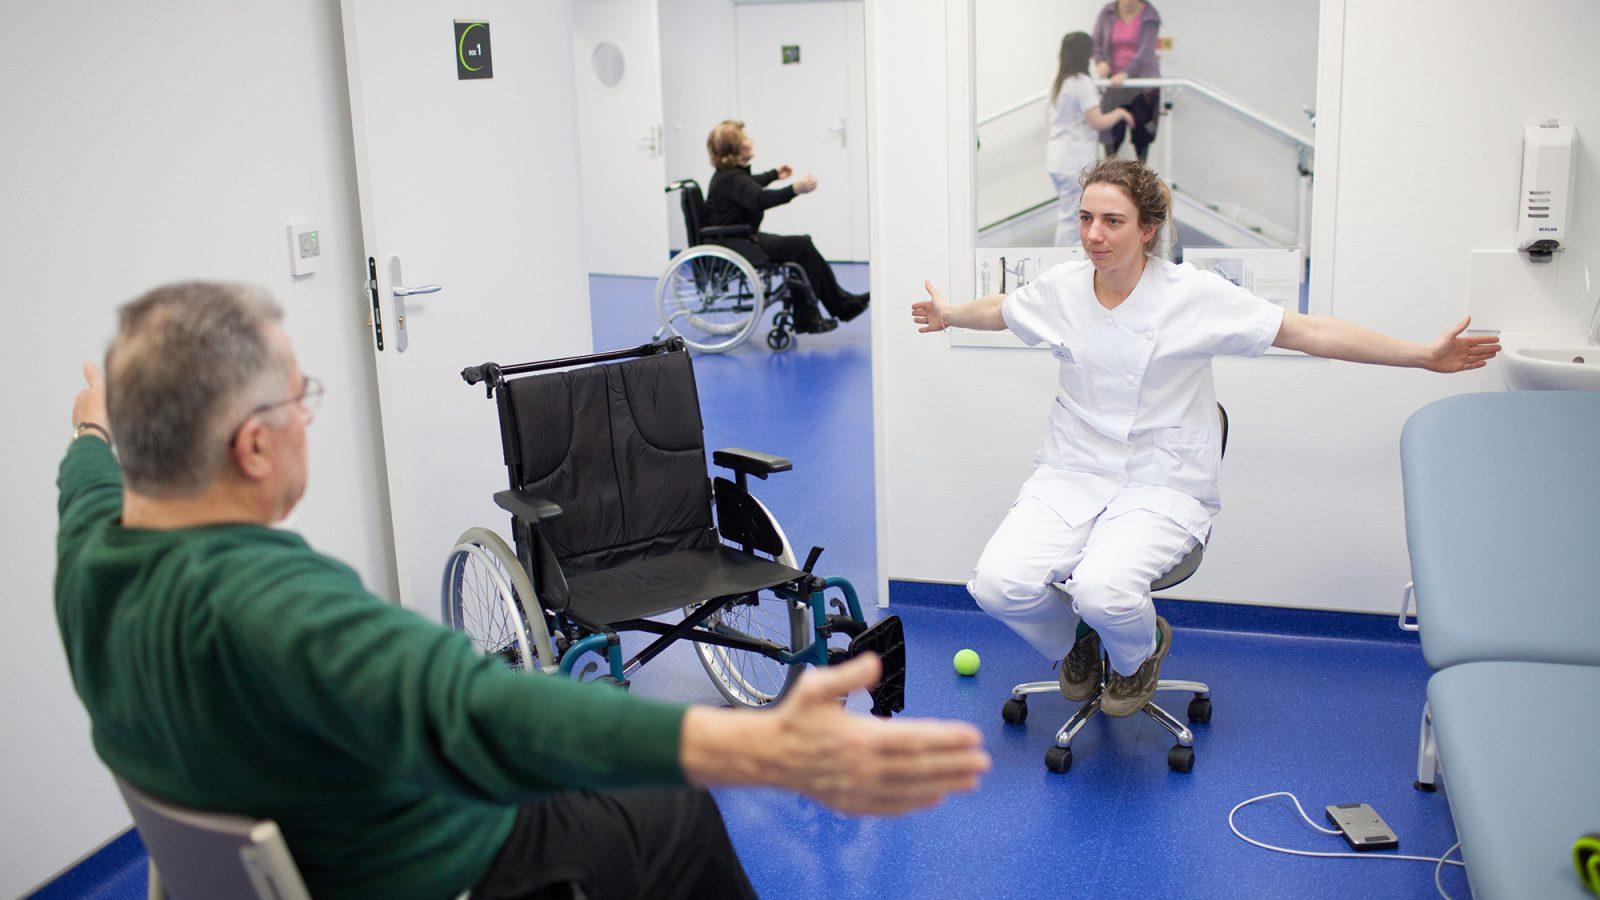 Photographie d'une séance de rééducation, une thérapeute évalue la motricité de son patient